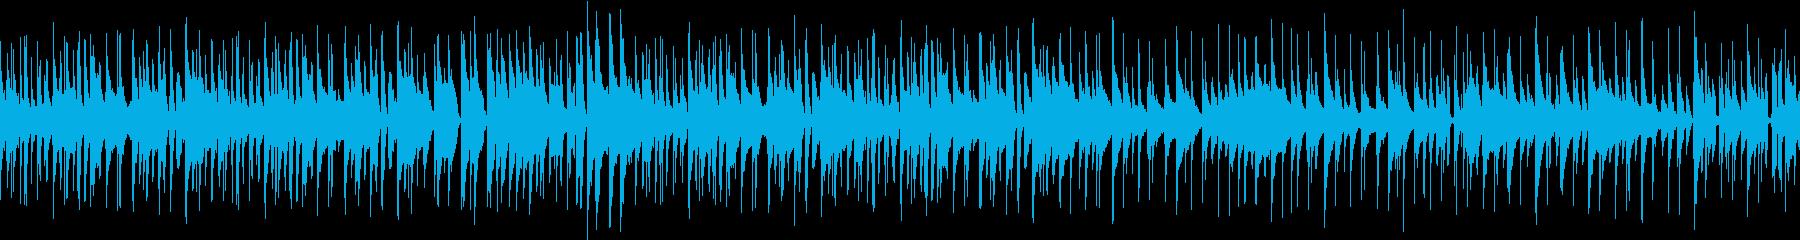 のんびりした印象のジャズトリオ ループ版の再生済みの波形